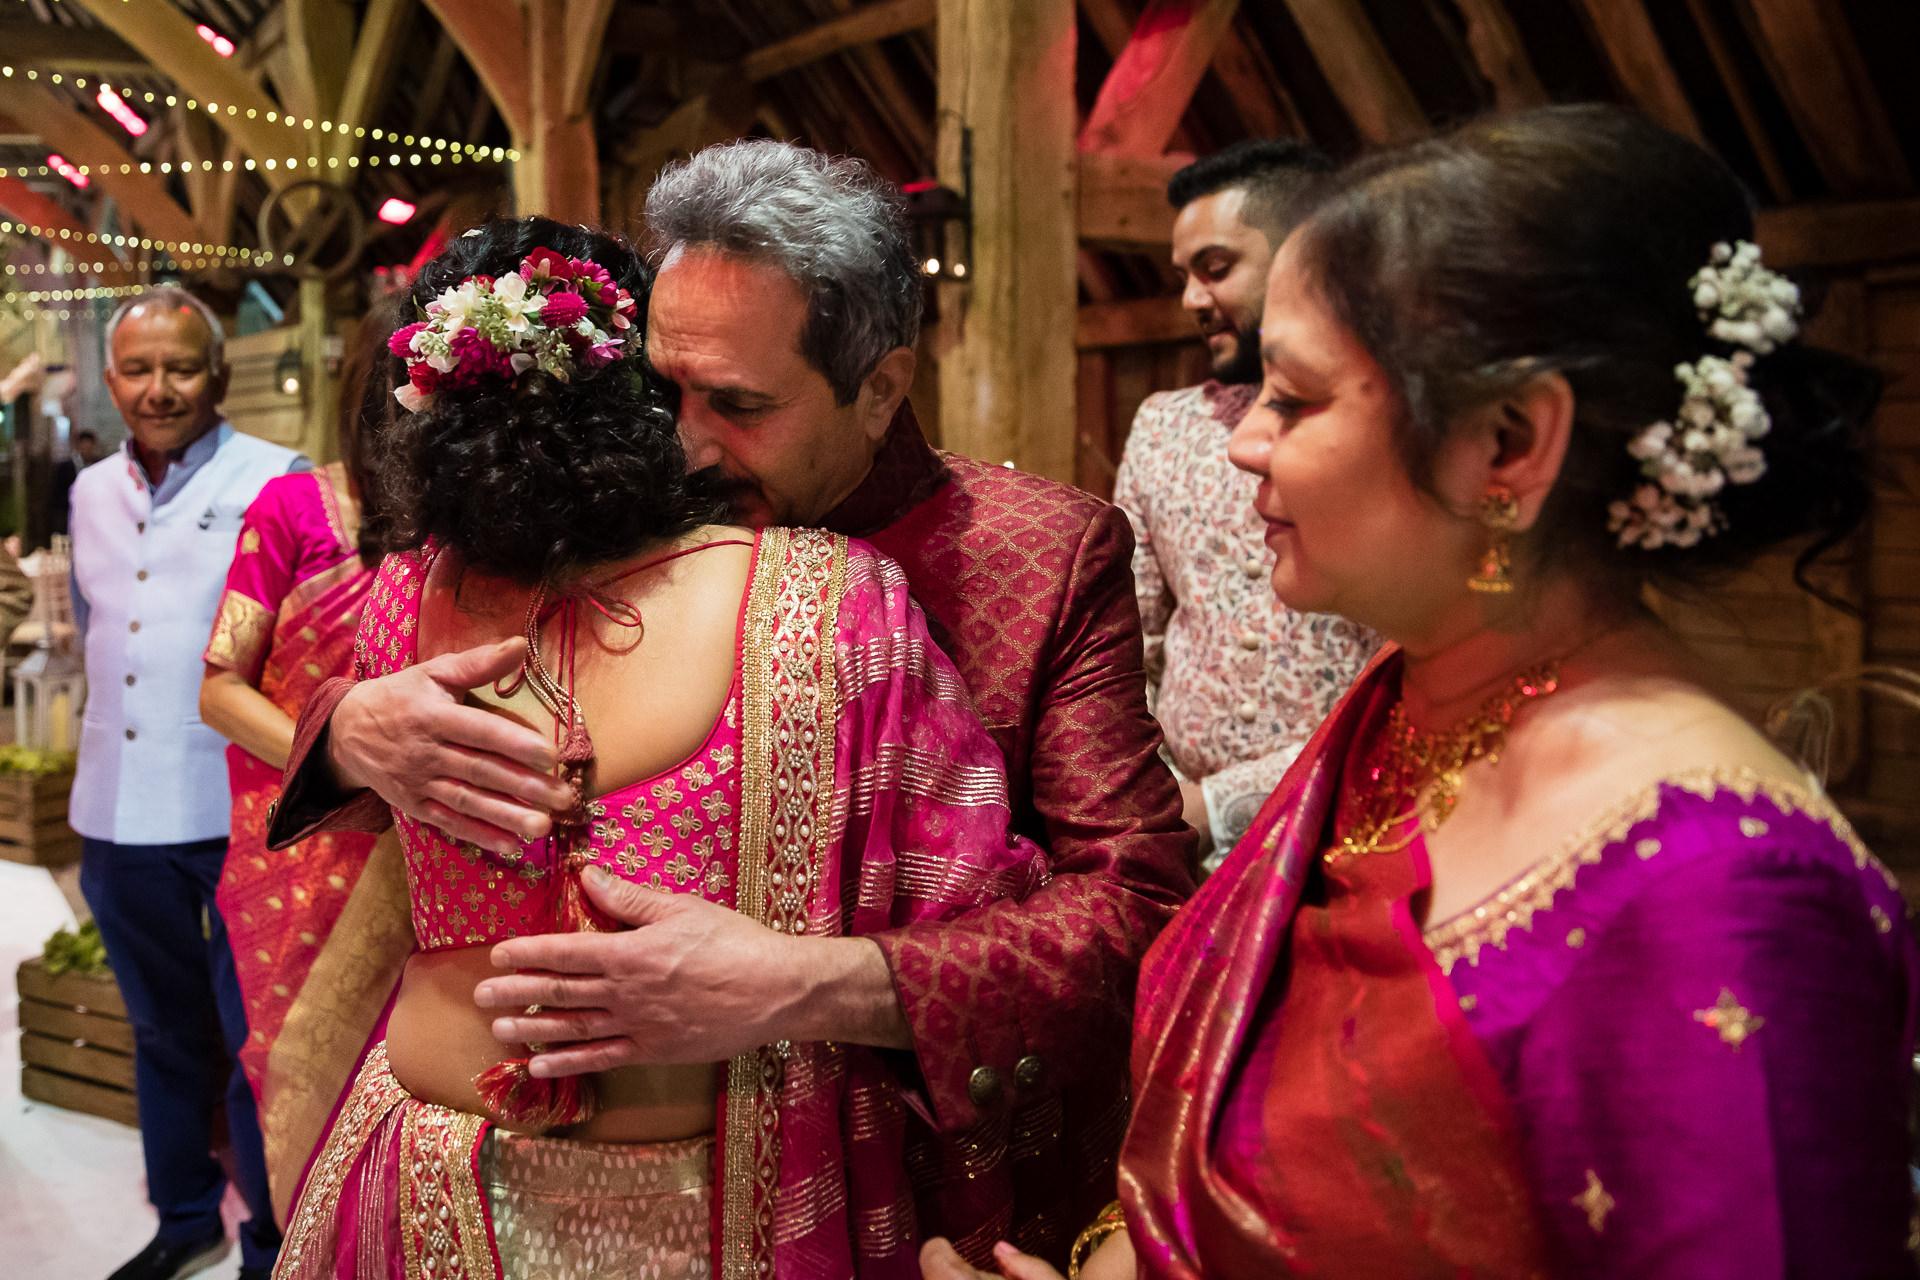 Vidhai, leaving ceremony